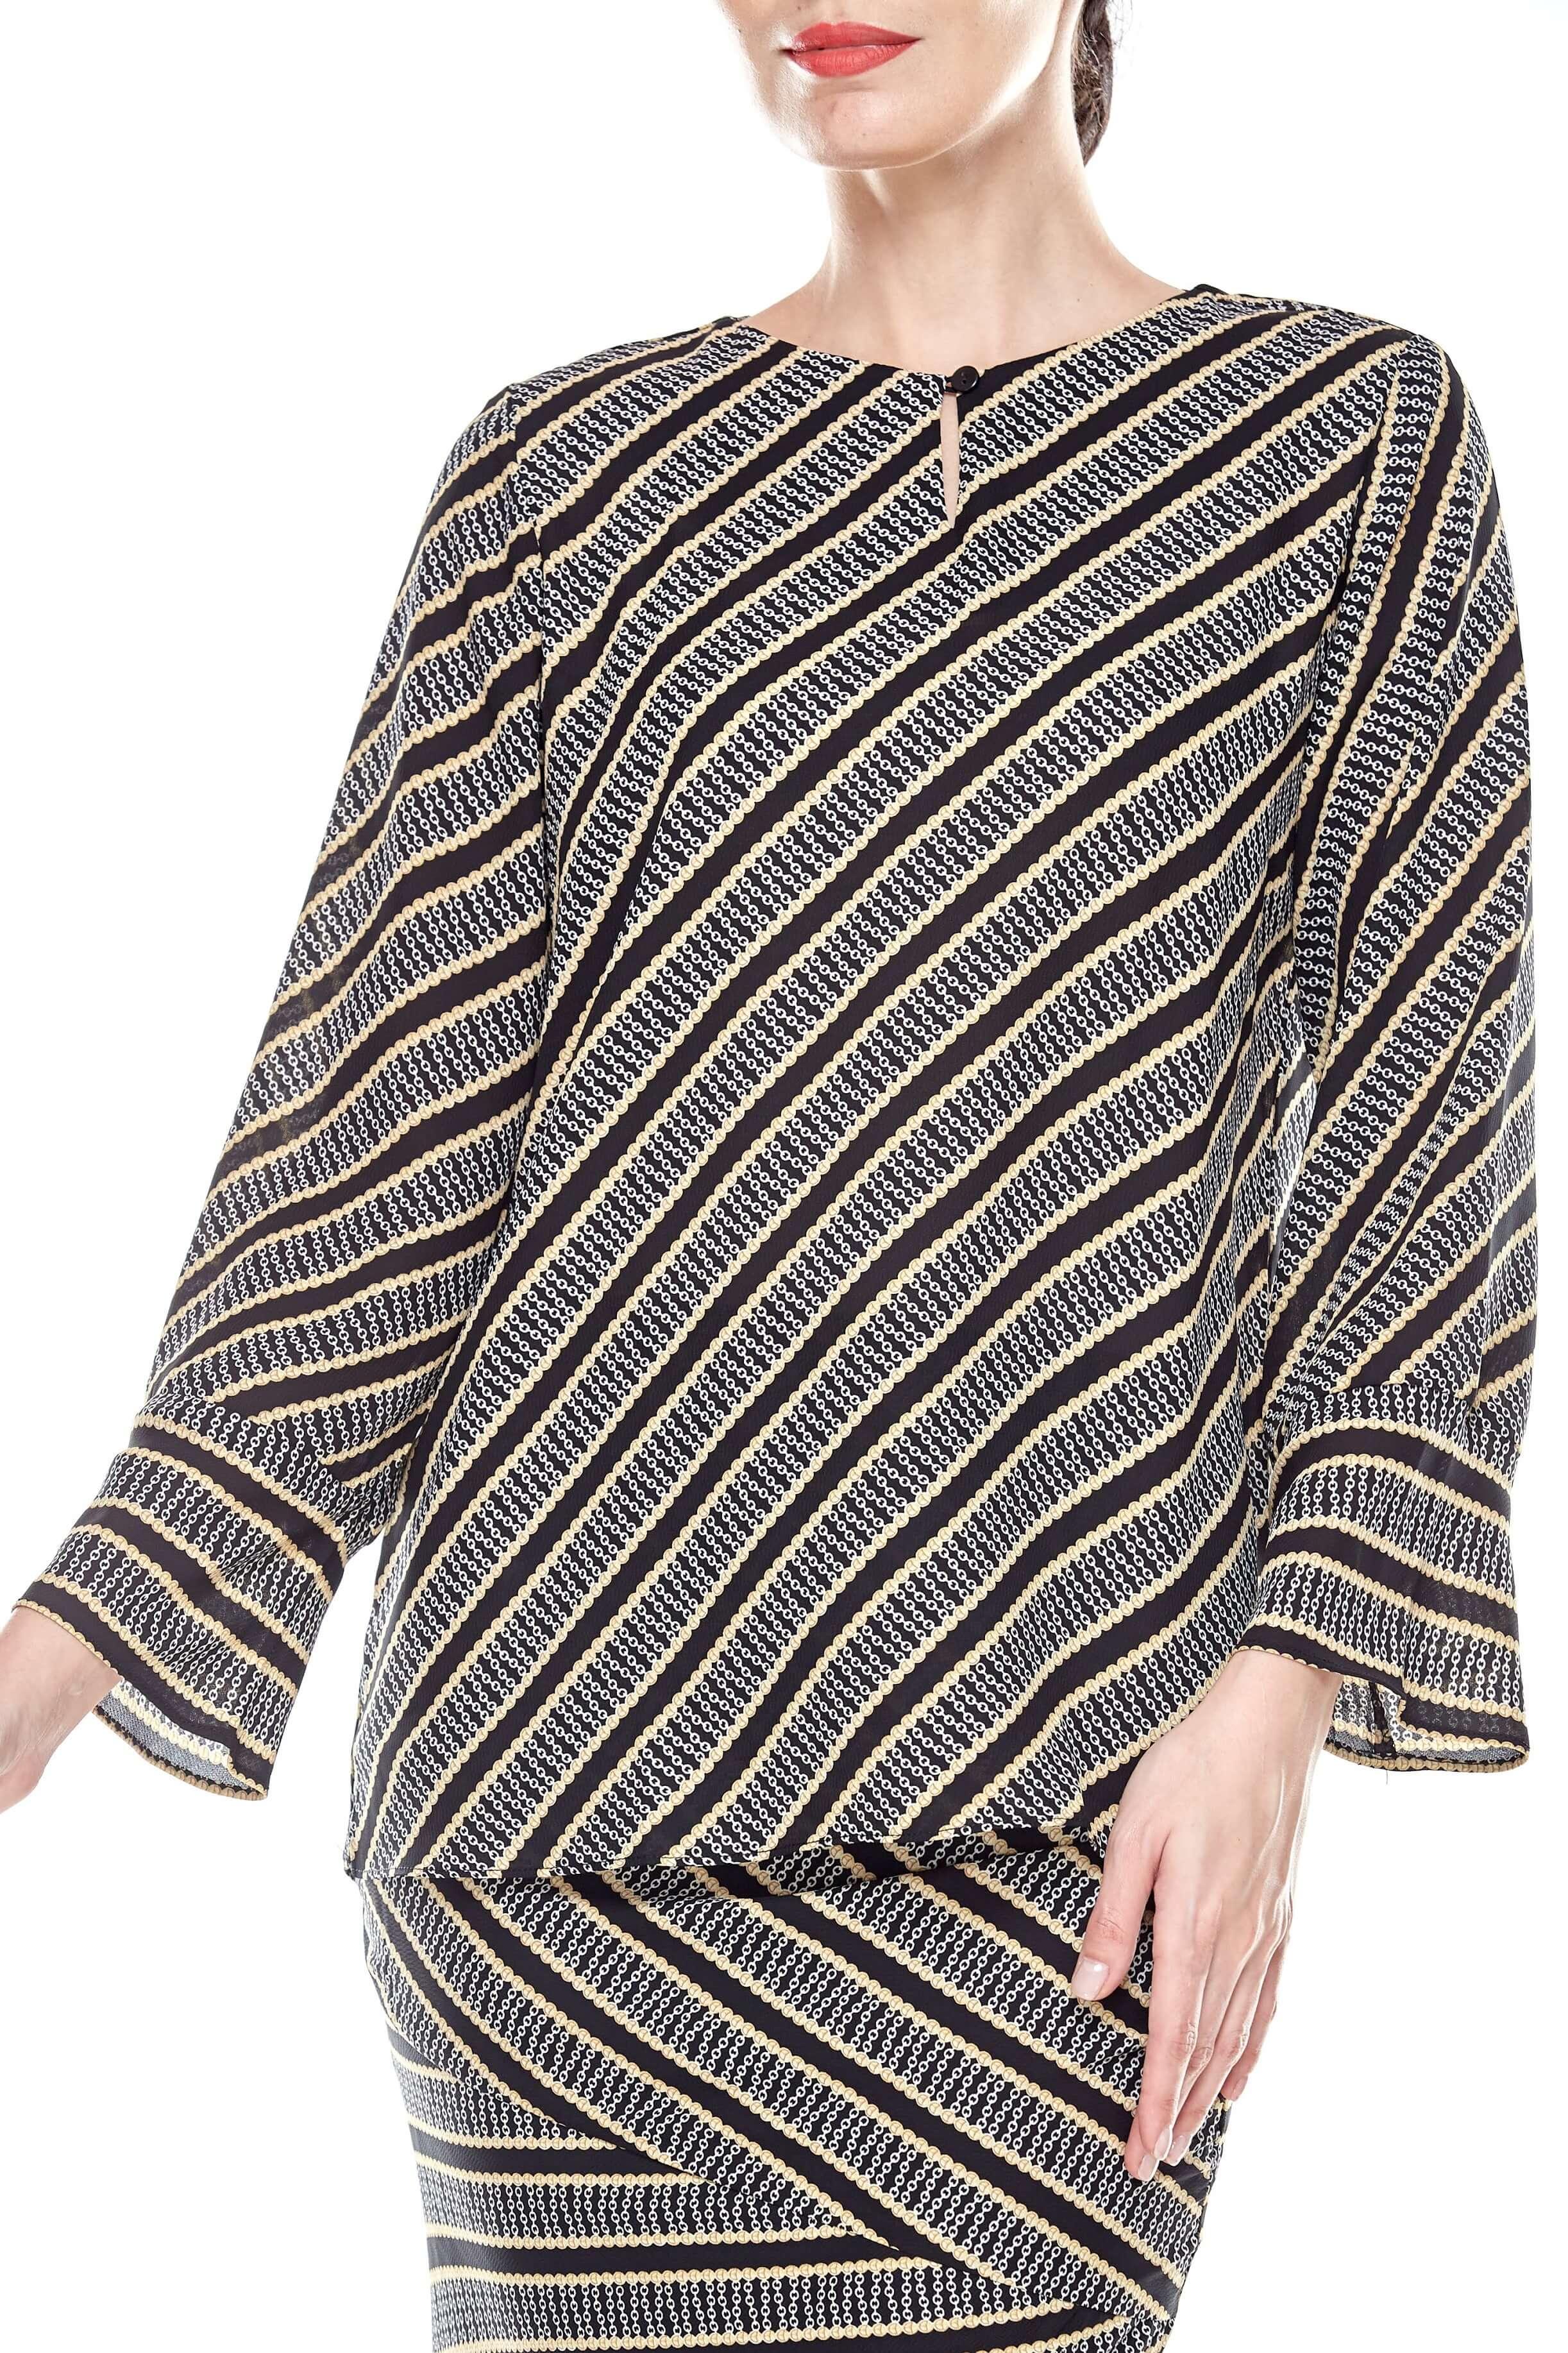 Black Striped Blouse (3)